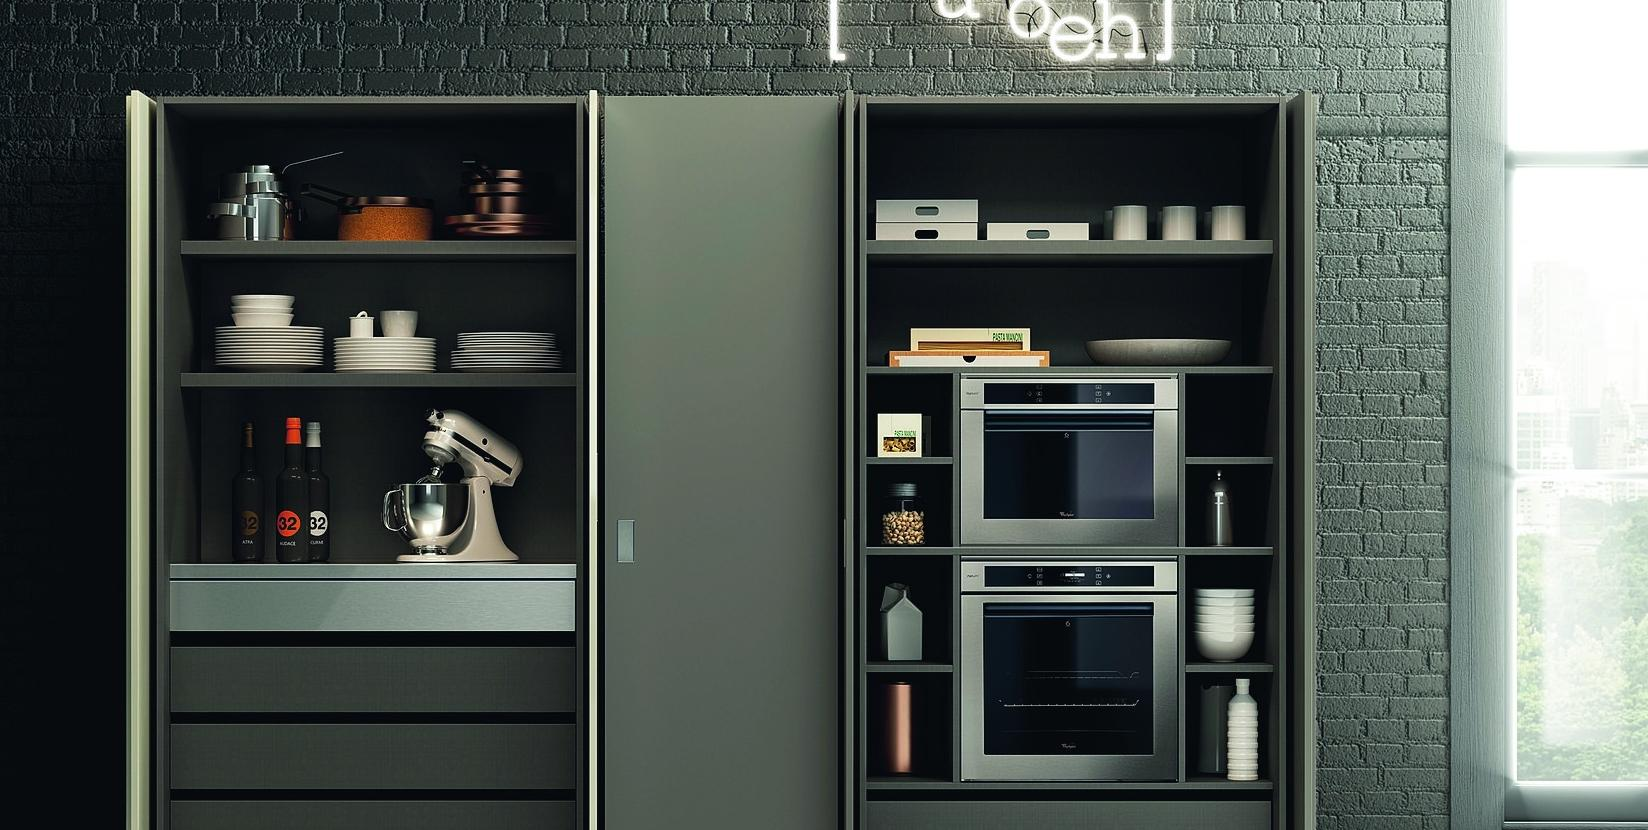 Sicurezza in cucina impianti a norma quali aspetti - Altezza parapetti finestre normativa ...